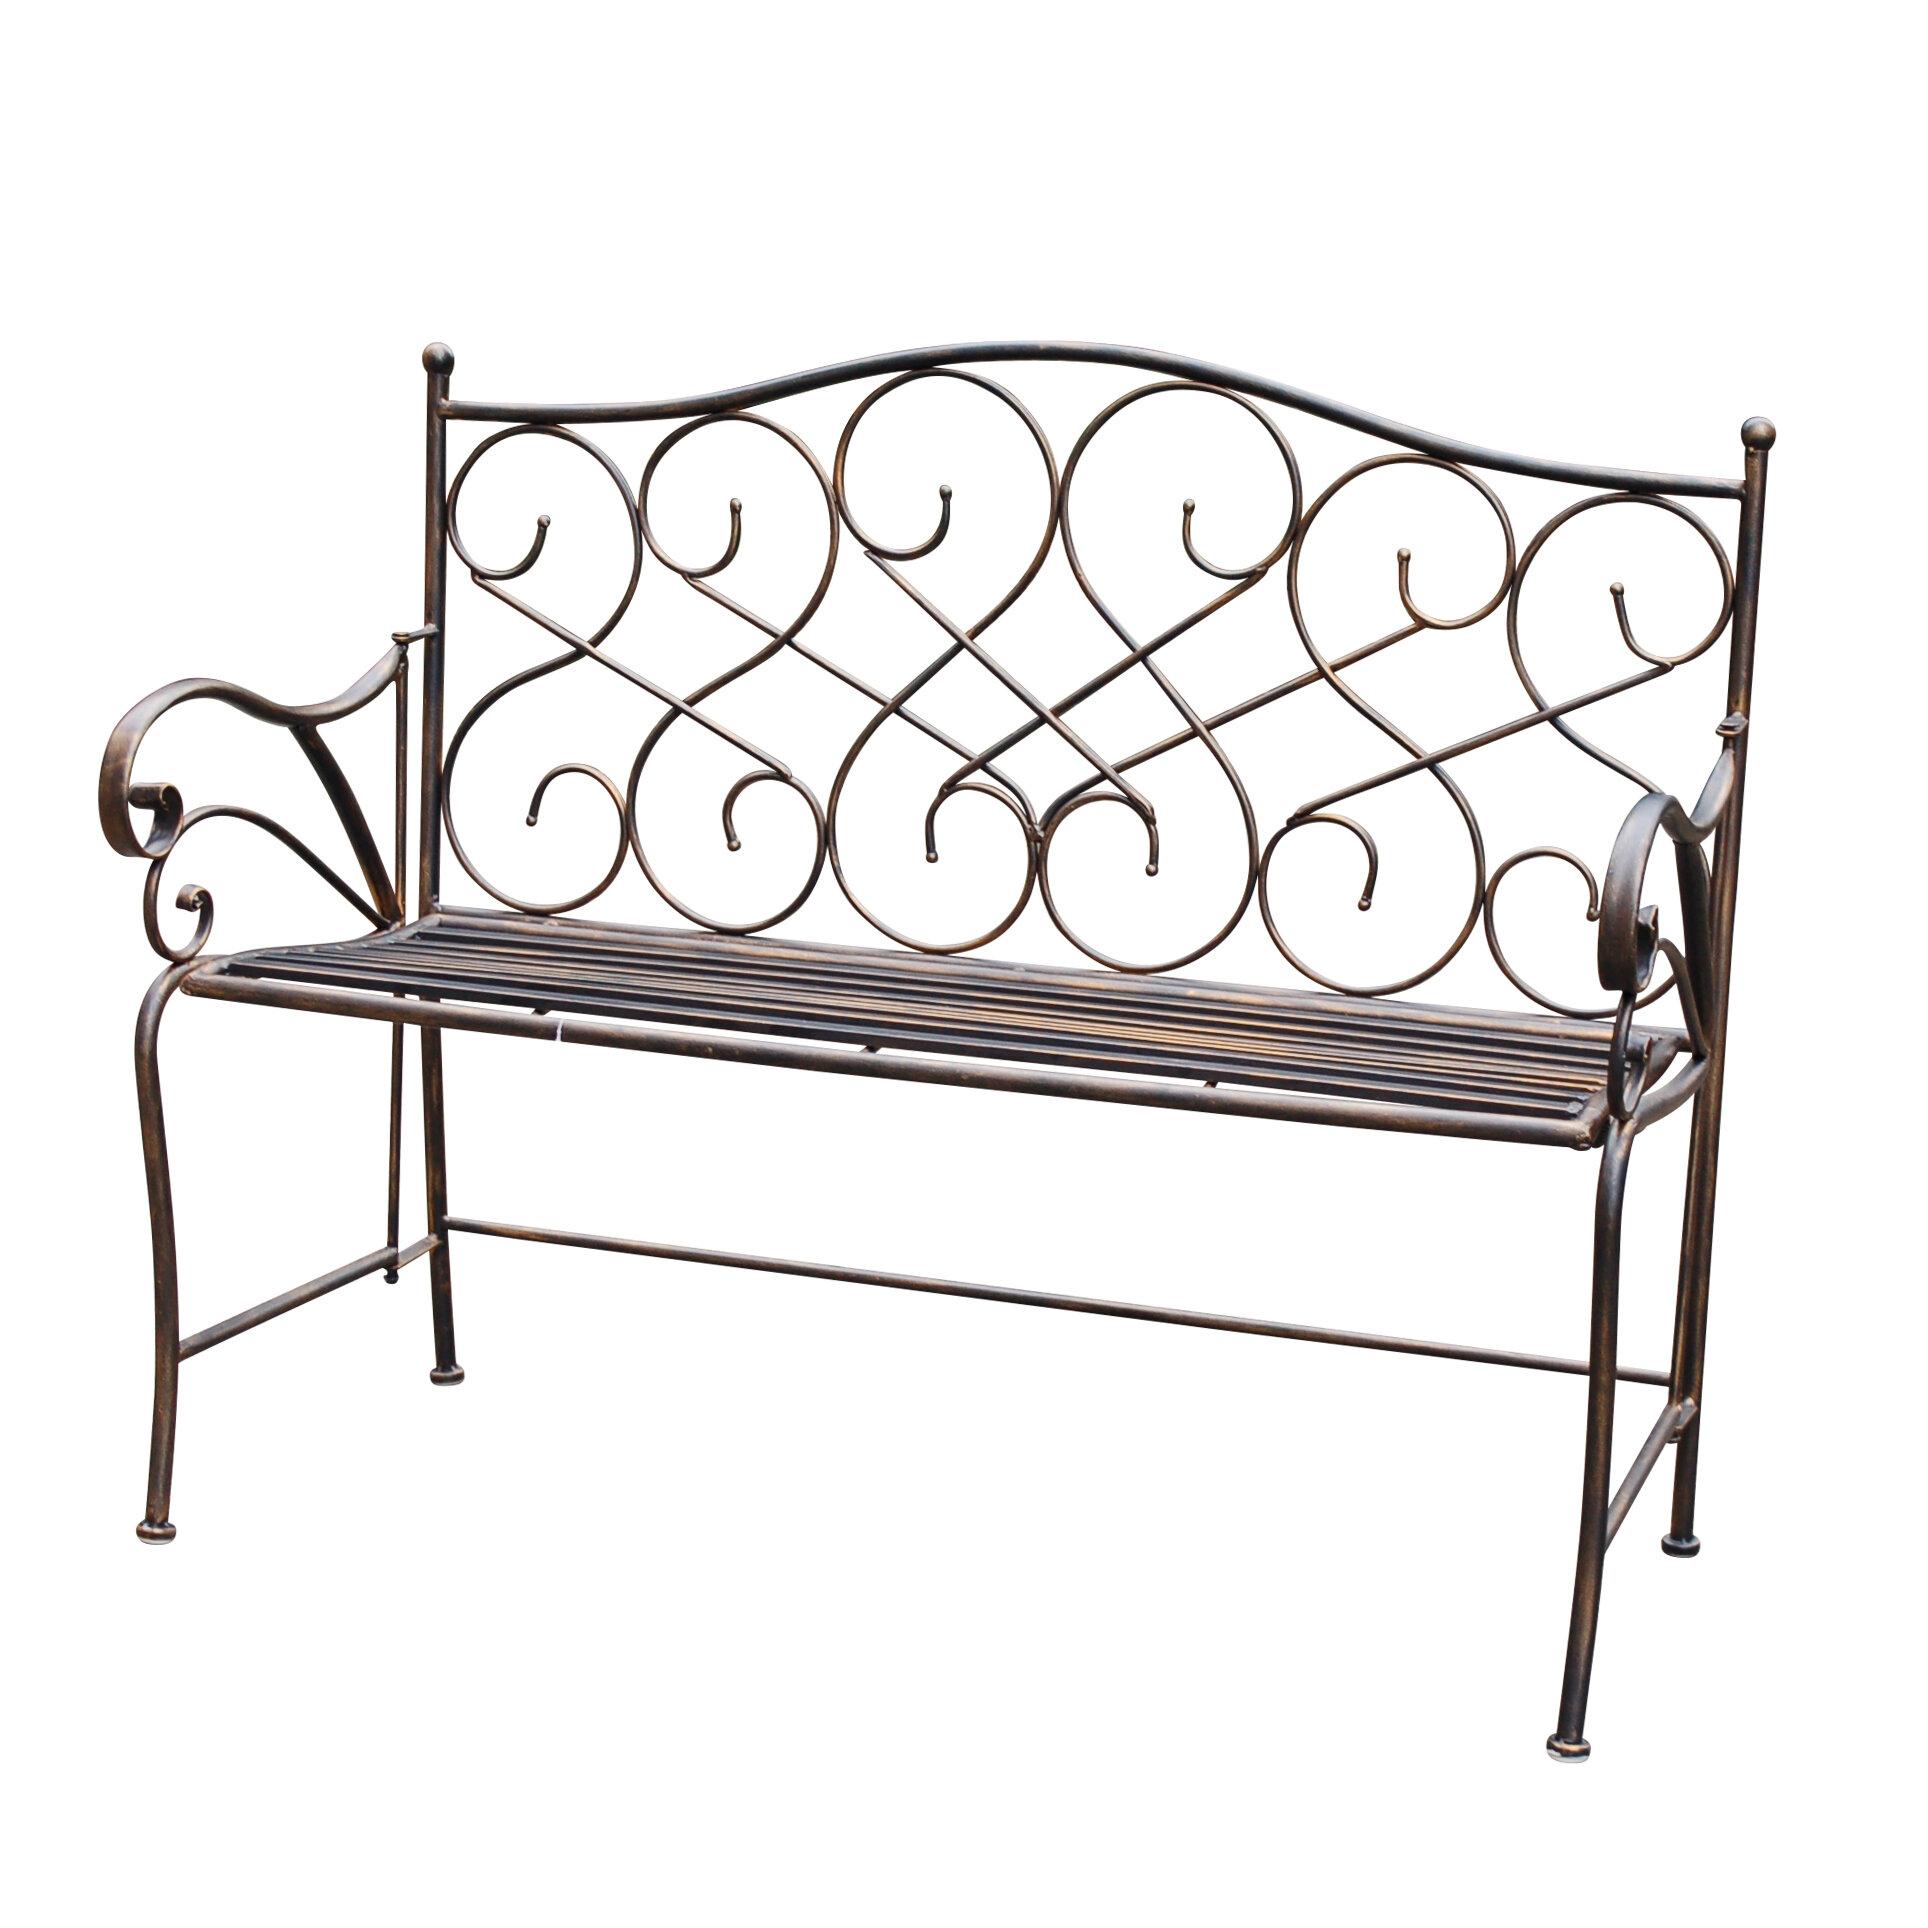 Wilks Metal Garden Bench With Regard To Norrie Metal Garden Benches (View 9 of 25)